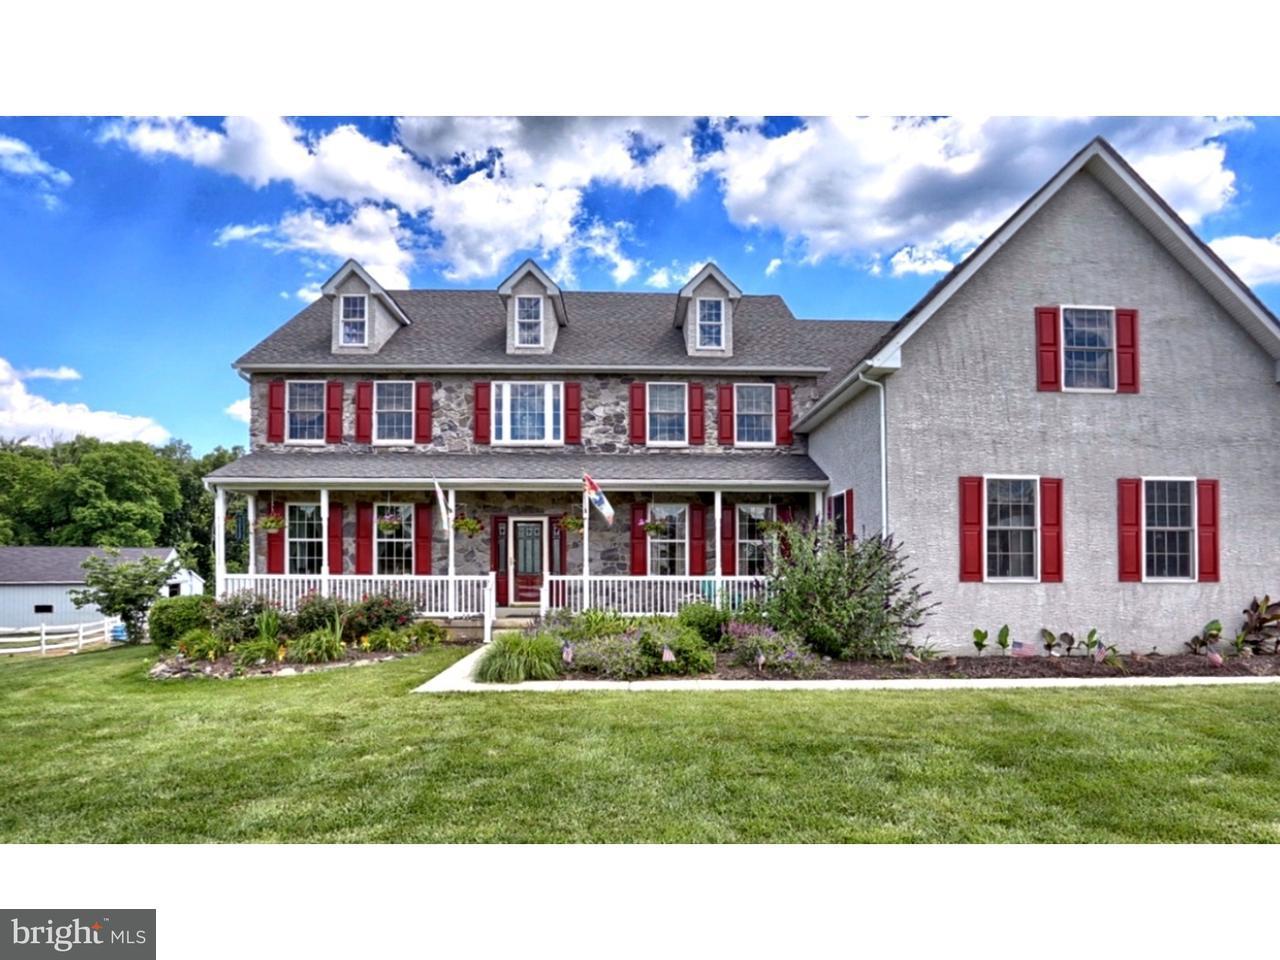 Maison unifamiliale pour l Vente à 810 TRISTEN WAY Schwenksville, Pennsylvanie 19473 États-Unis